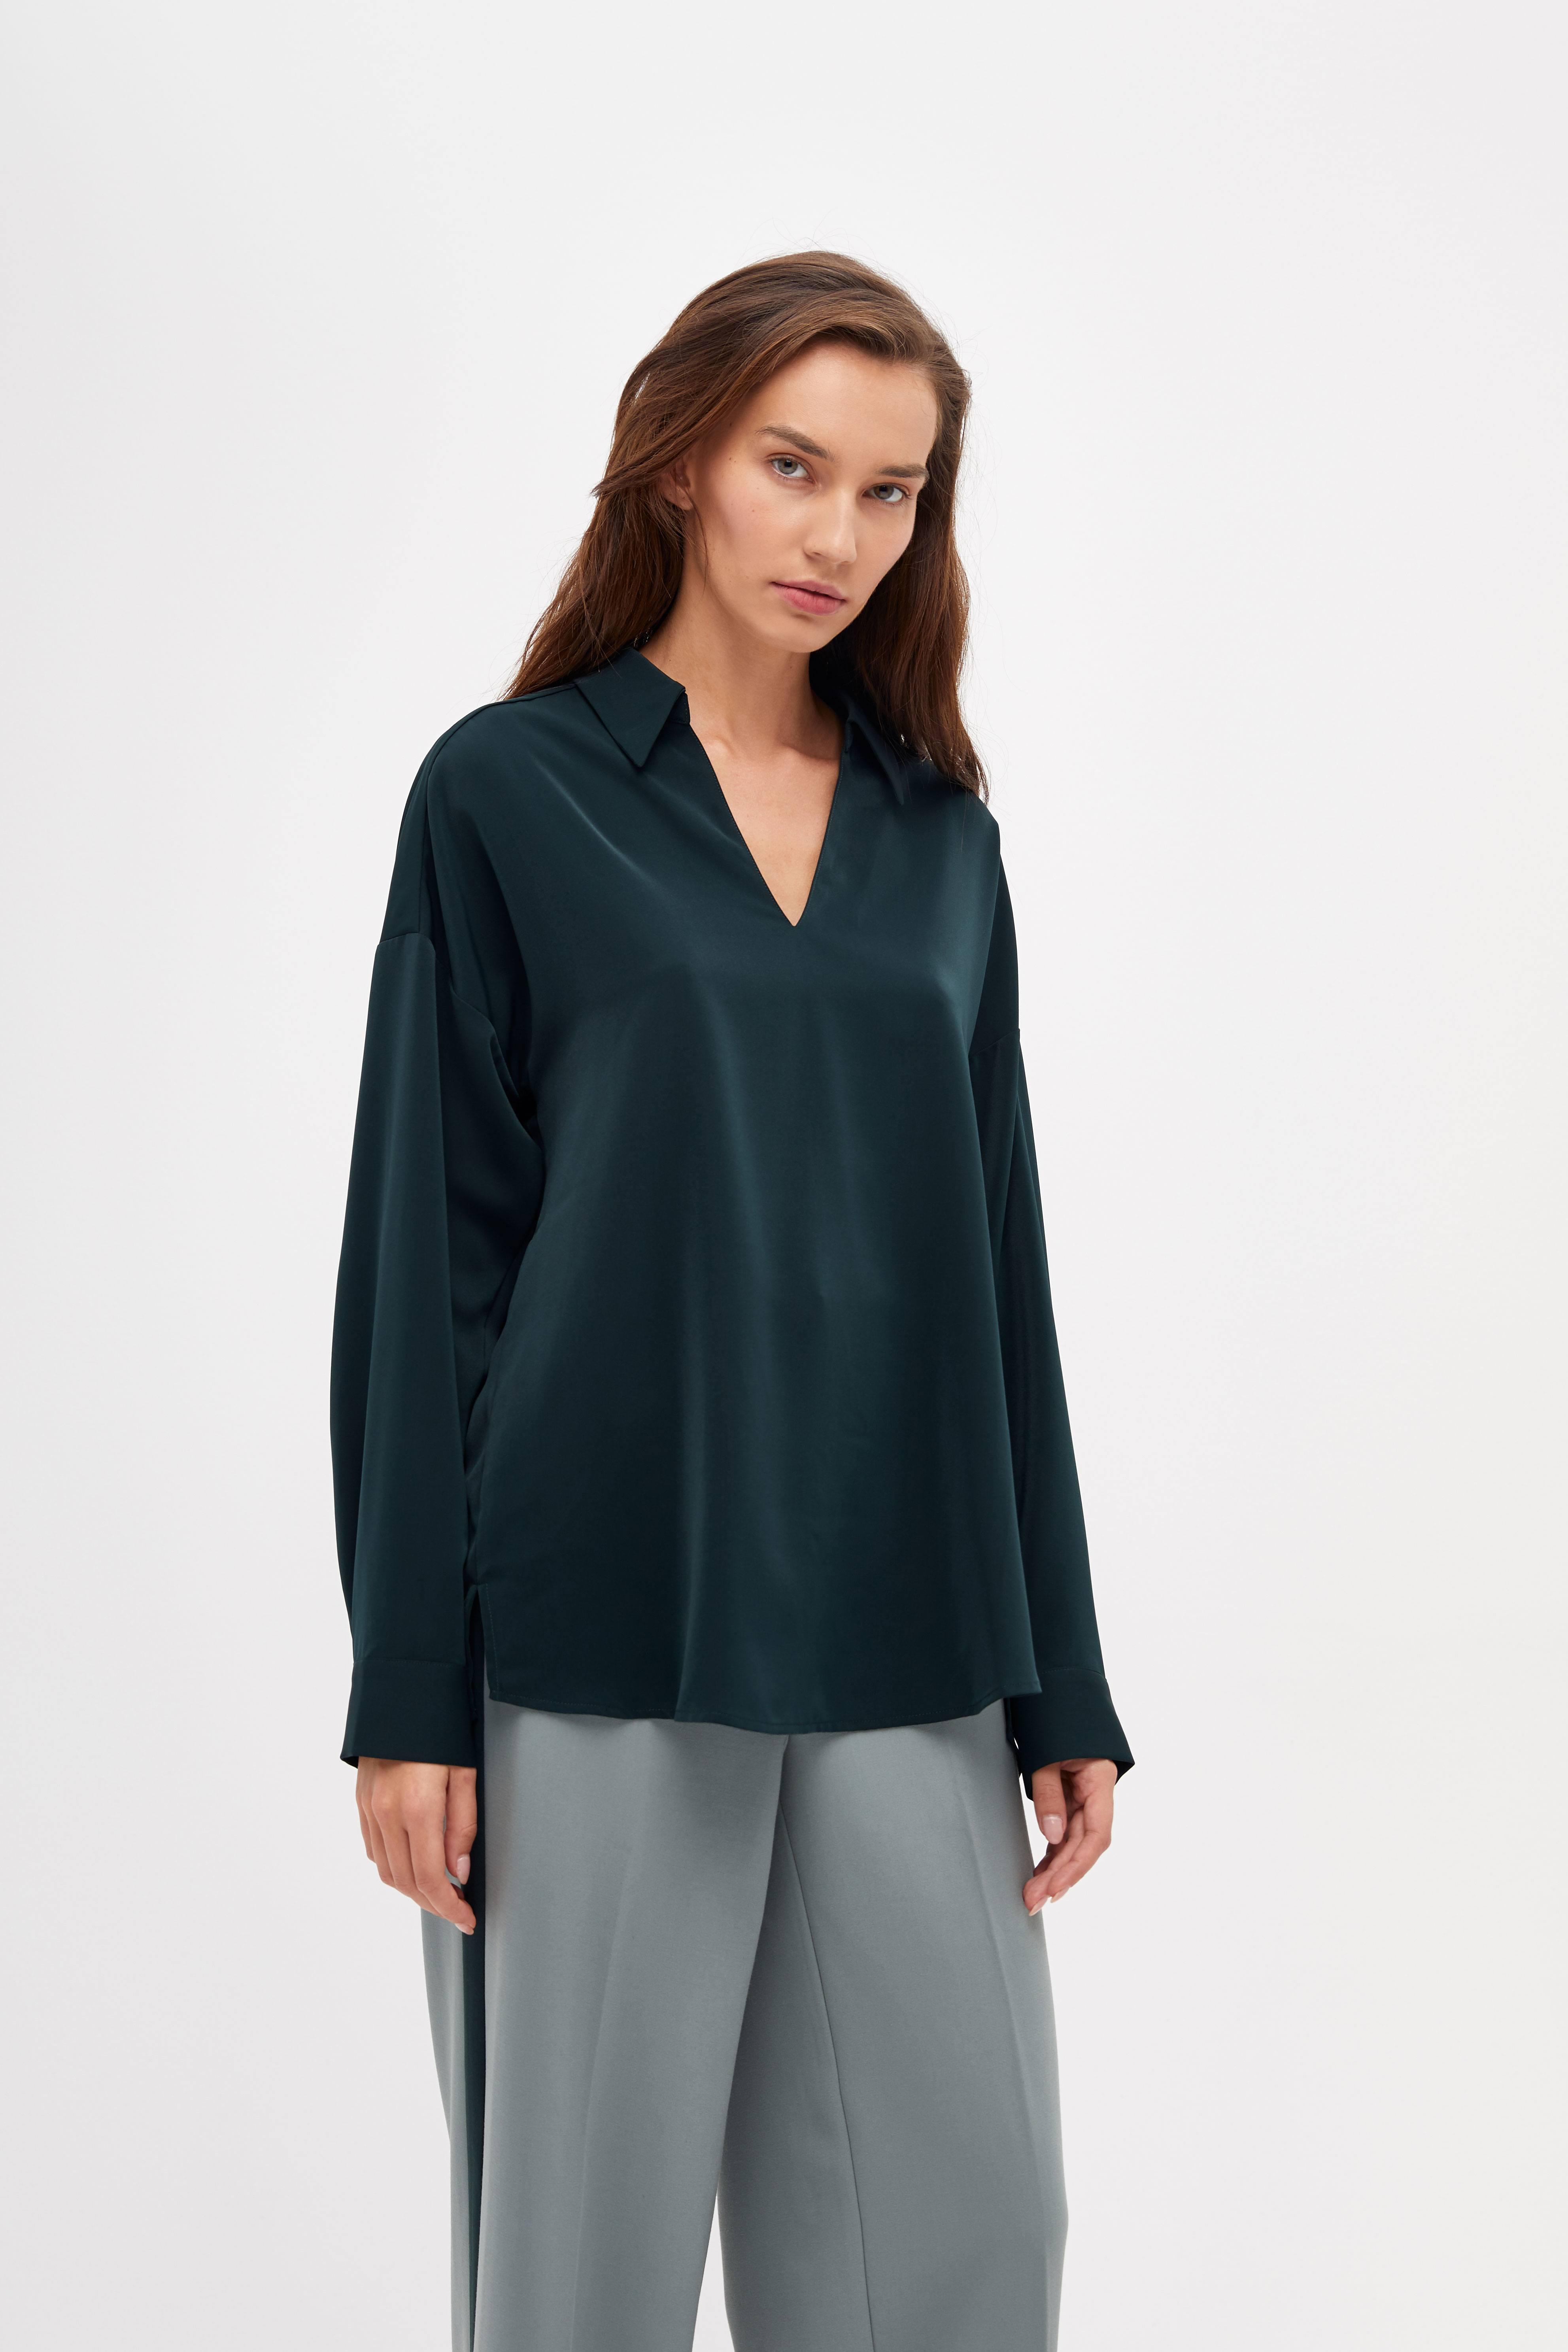 купить Блузка LIME Блузка с V-образным вырезом по цене 2599 рублей